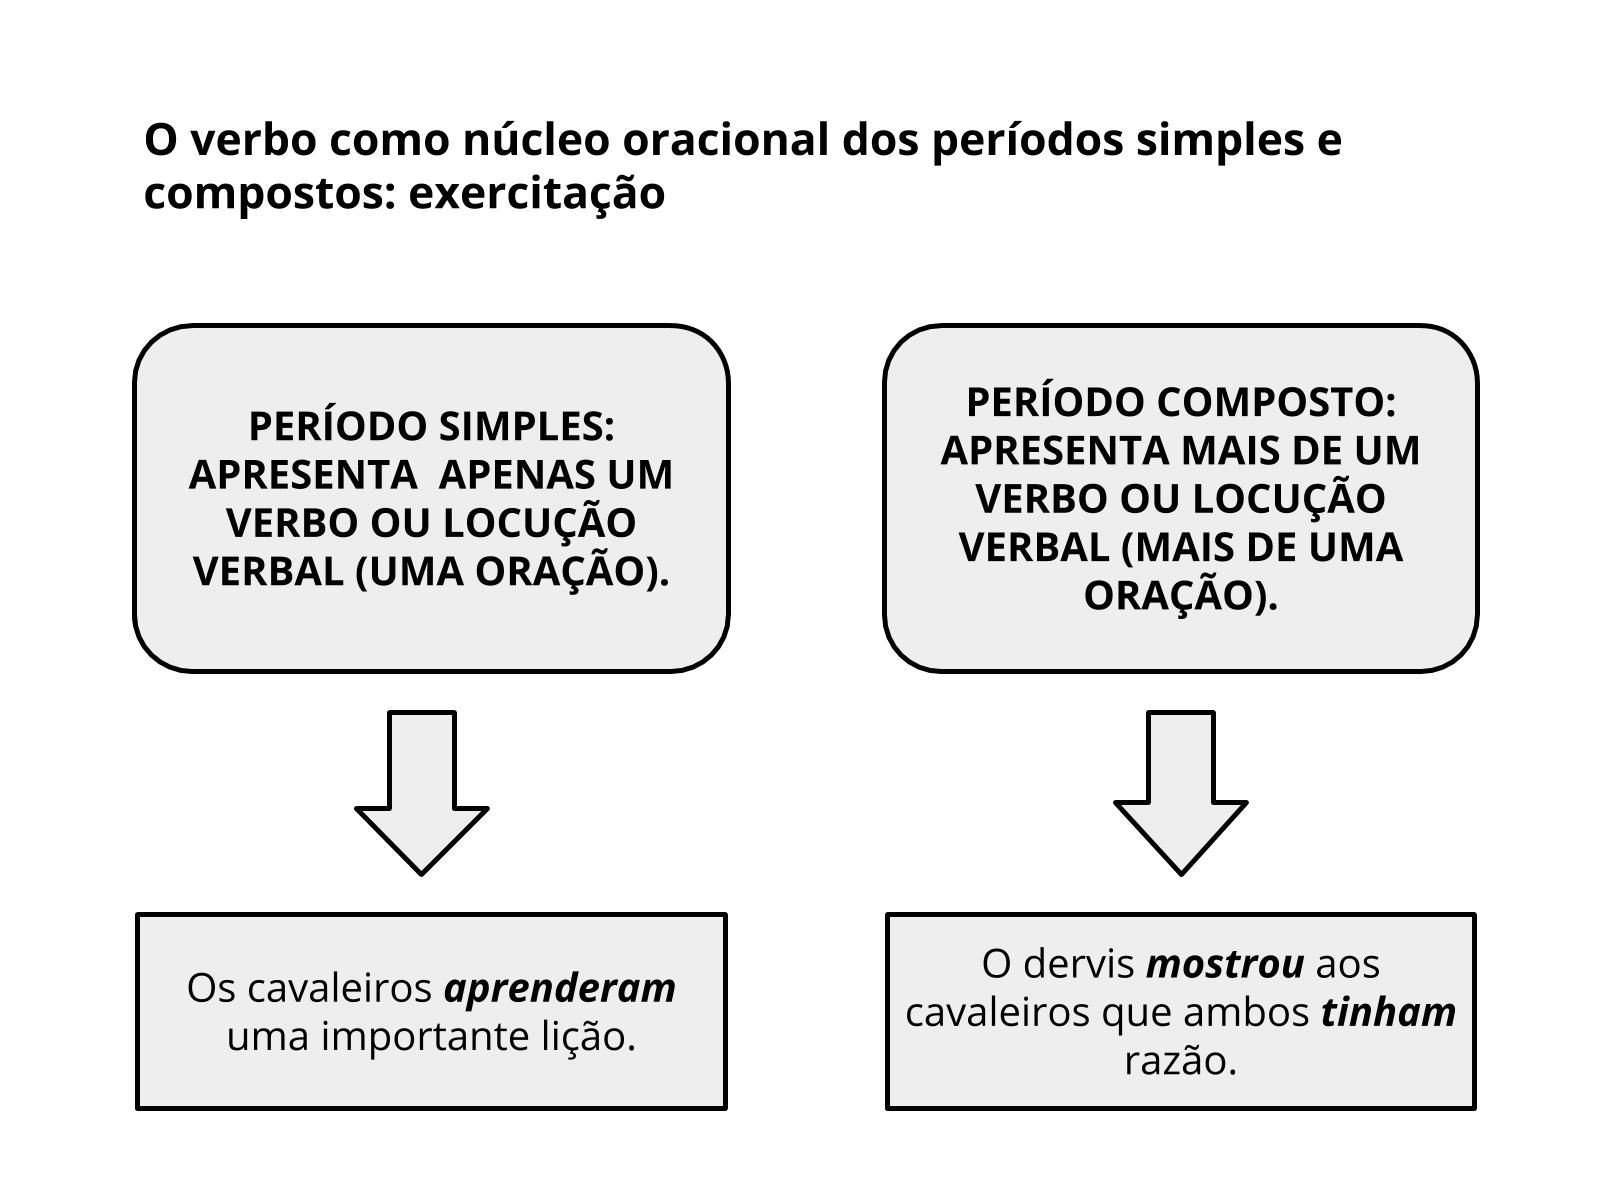 O verbo como núcleo oracional dos períodos simples e compostos: exercitação